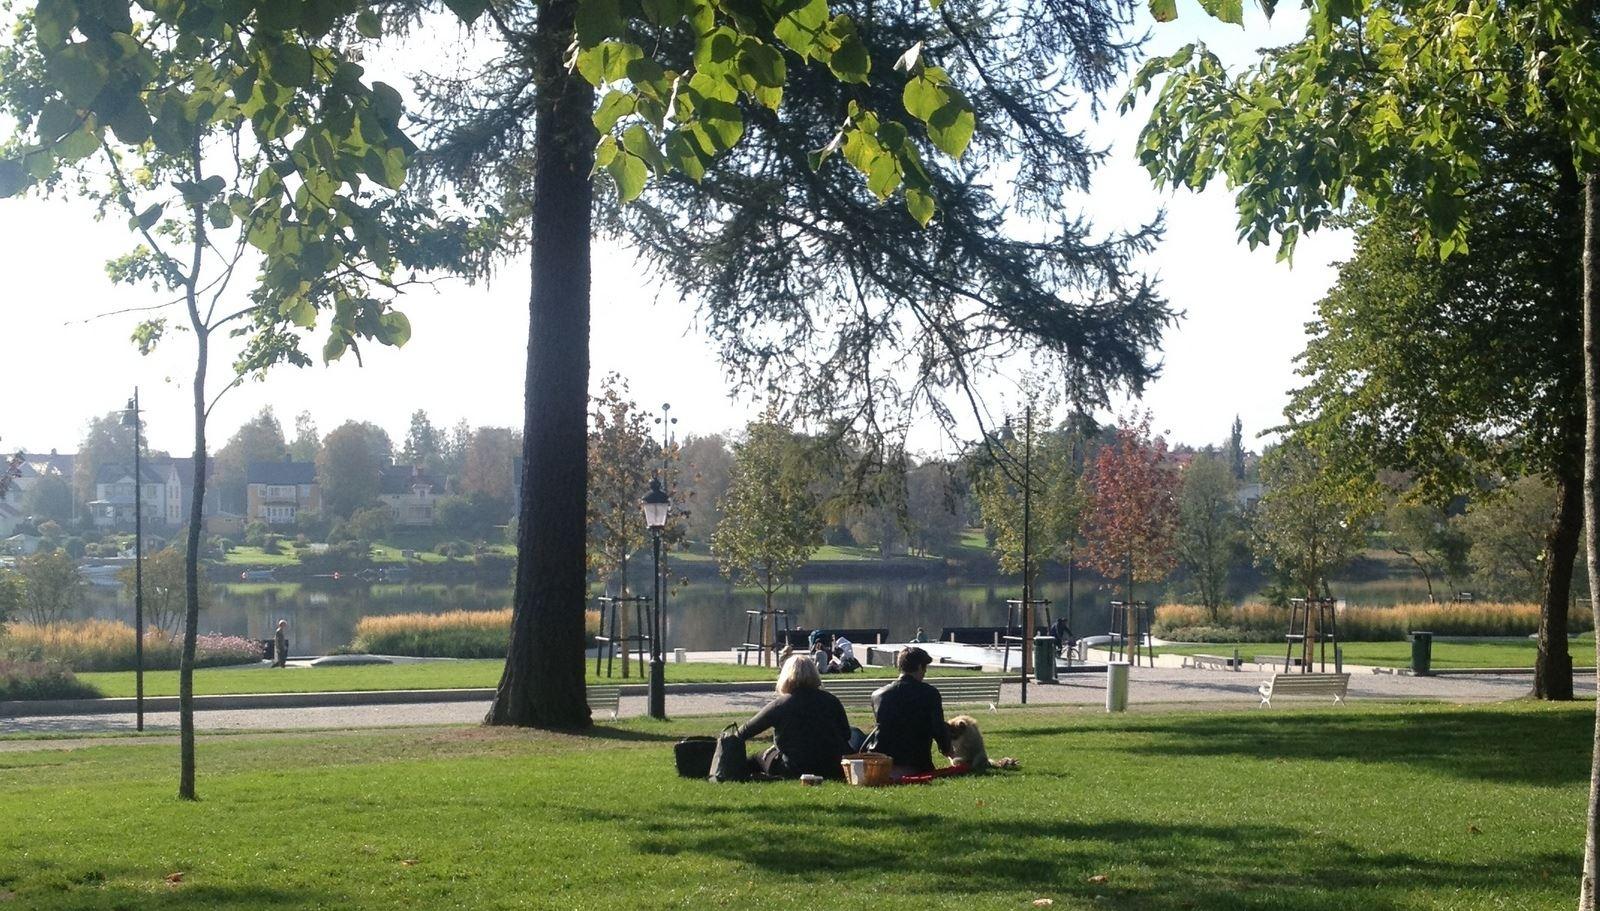 Summerfun in Årstidernas Park